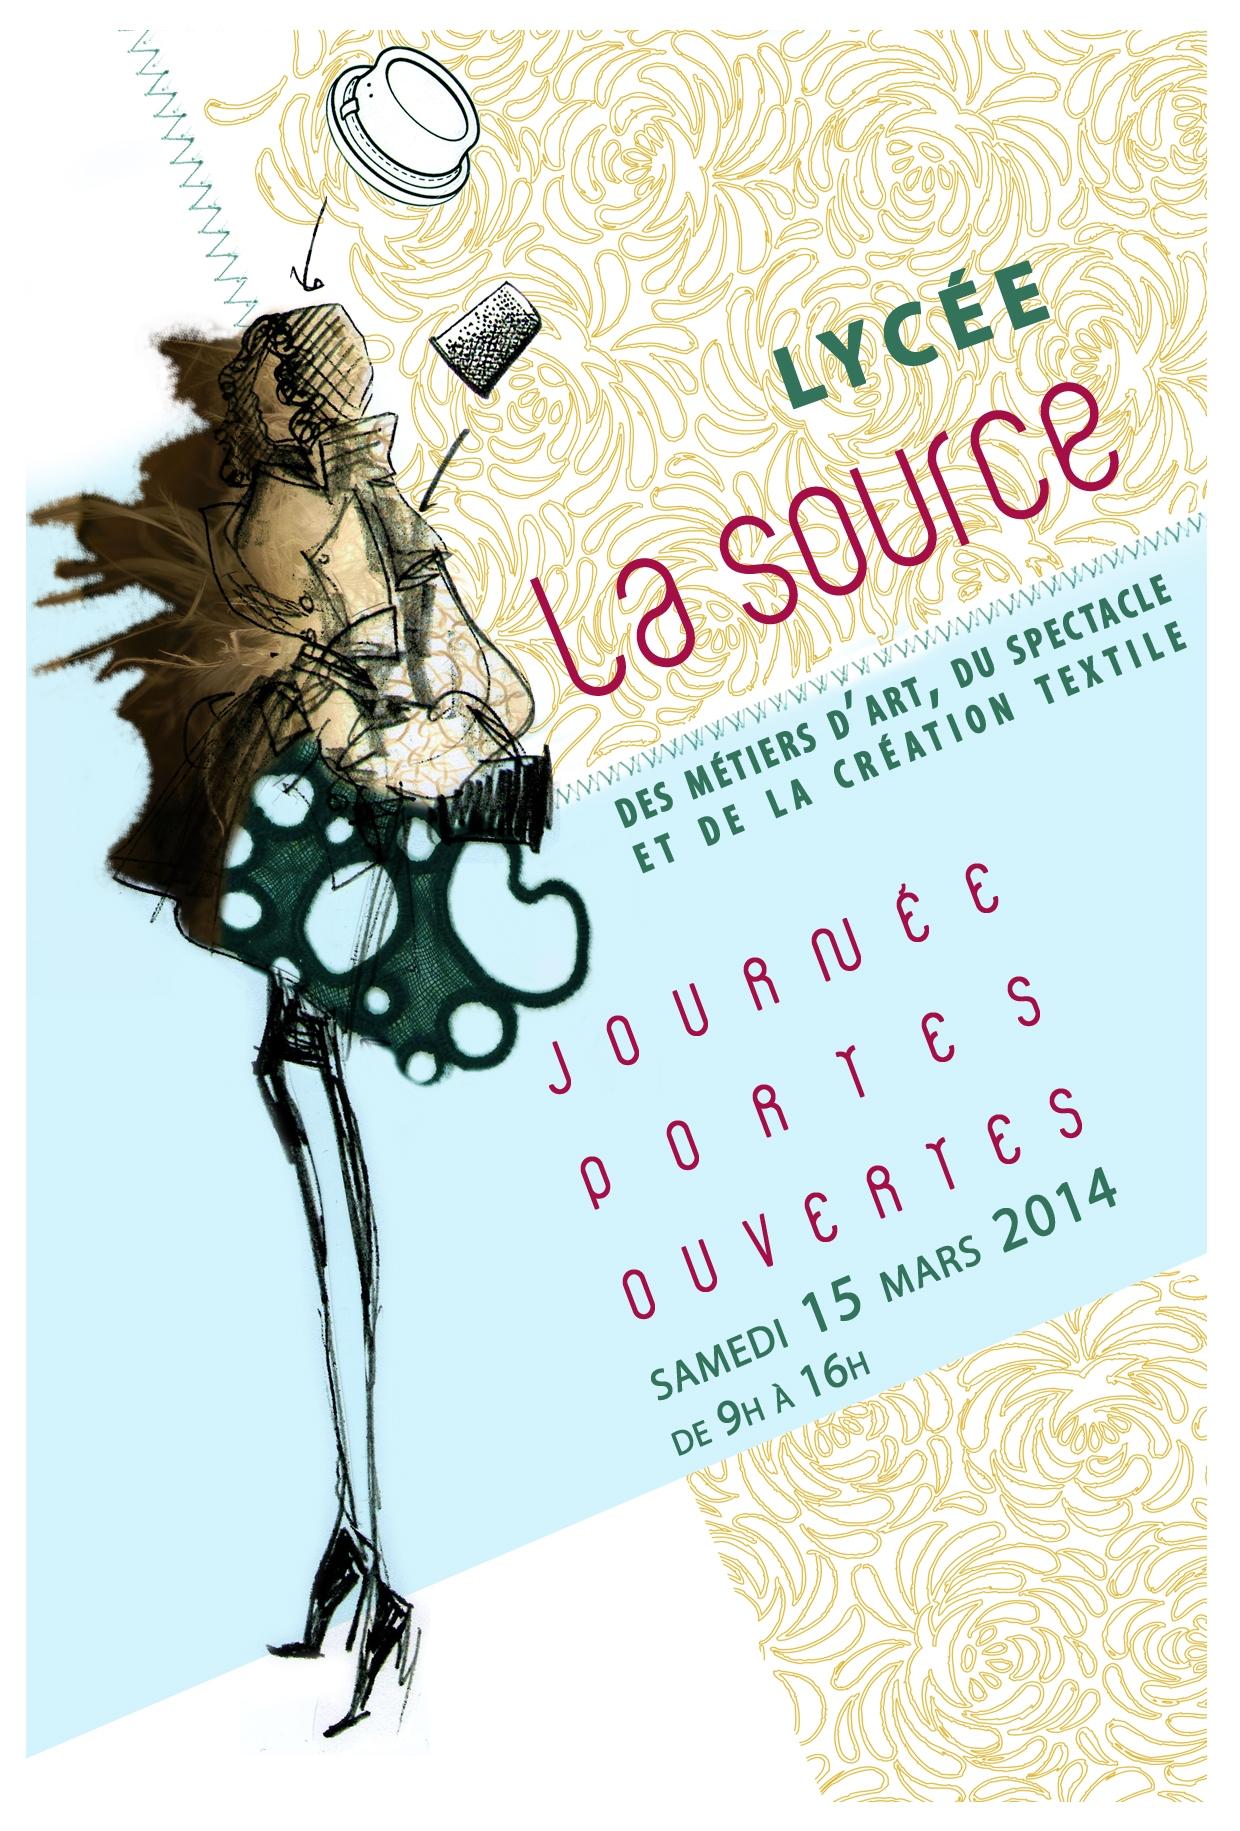 Journée portes ouvertes au lycée LA SOURCE 2014